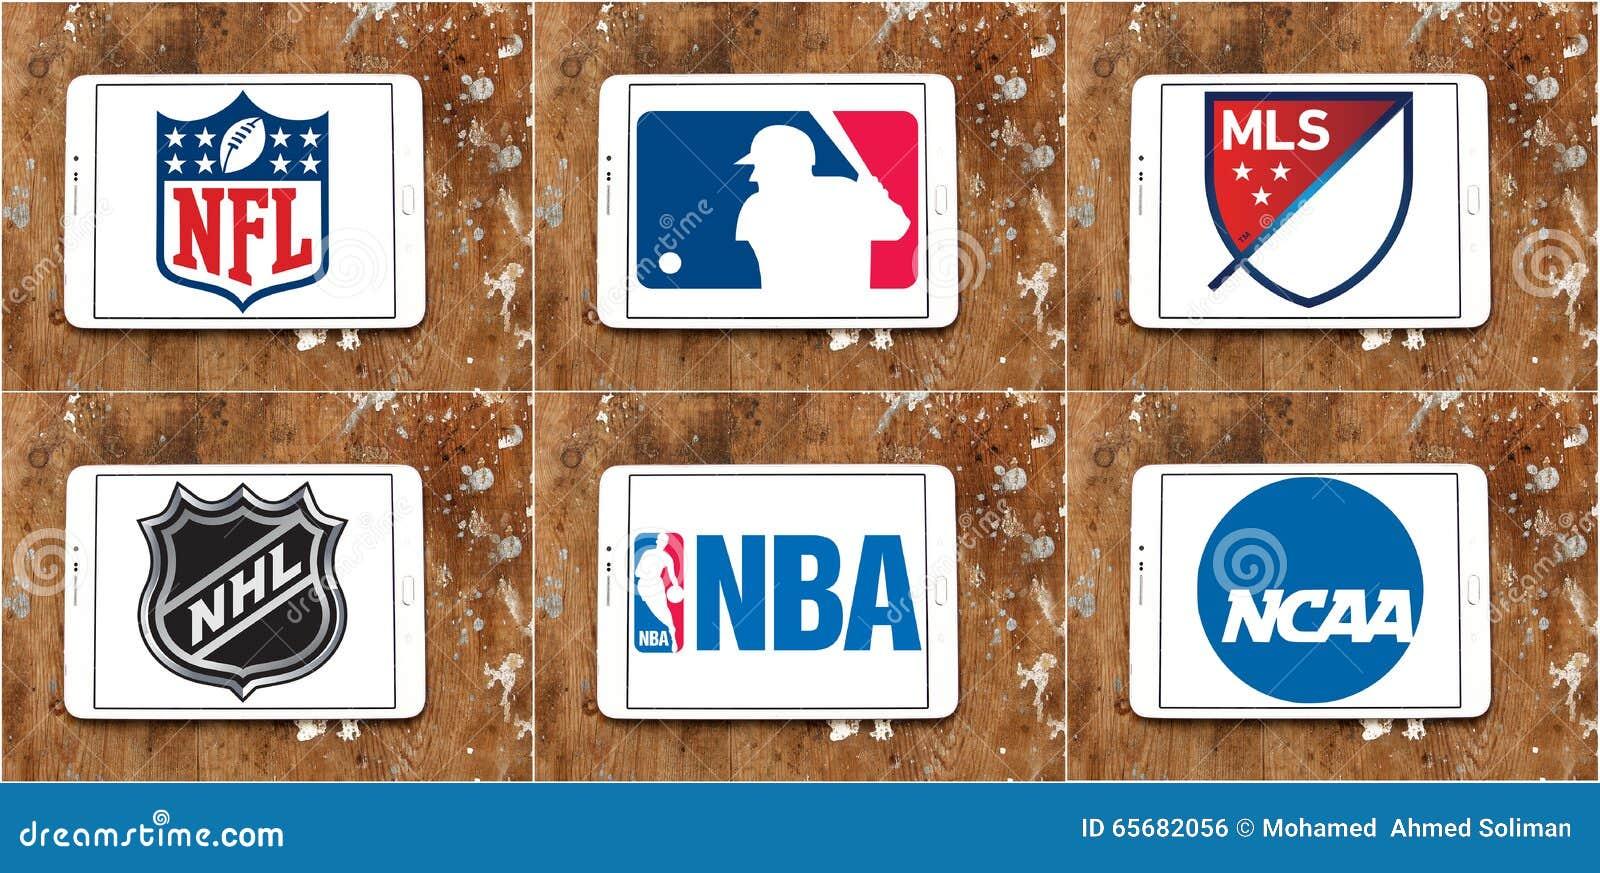 USA Sports Logos Vector Illustration | CartoonDealer.com ...